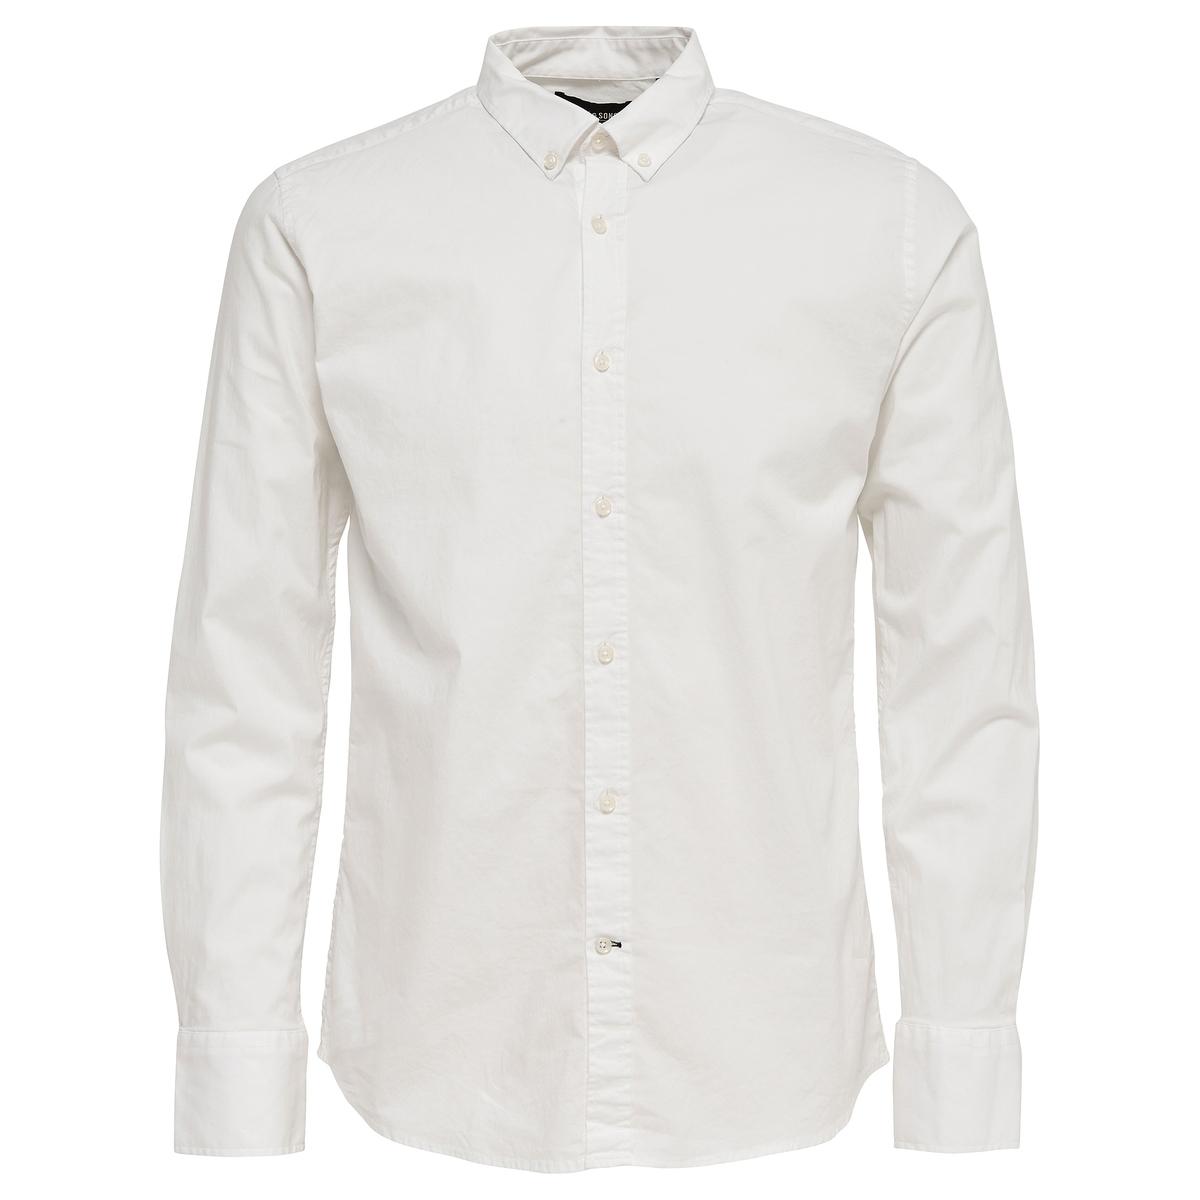 Рубашка из хлопка стрейч ONSALBIOLДлинные рукава с манжетами на пуговицах- Прямой покрой- Классический воротник с уголками на пуговицах- Застёжка на пуговицы- Слегка закругленный низСостав и описание:Основной материал : 97% хлопка, 3% эластанаМарка : ONLY &amp; SONS®Уход:Следуйте рекомендациям по уходу, указанным на ярлыке изделия.<br><br>Цвет: белый,черный<br>Размер: M.L.XL.XXL.S.M.L.XL.XXL